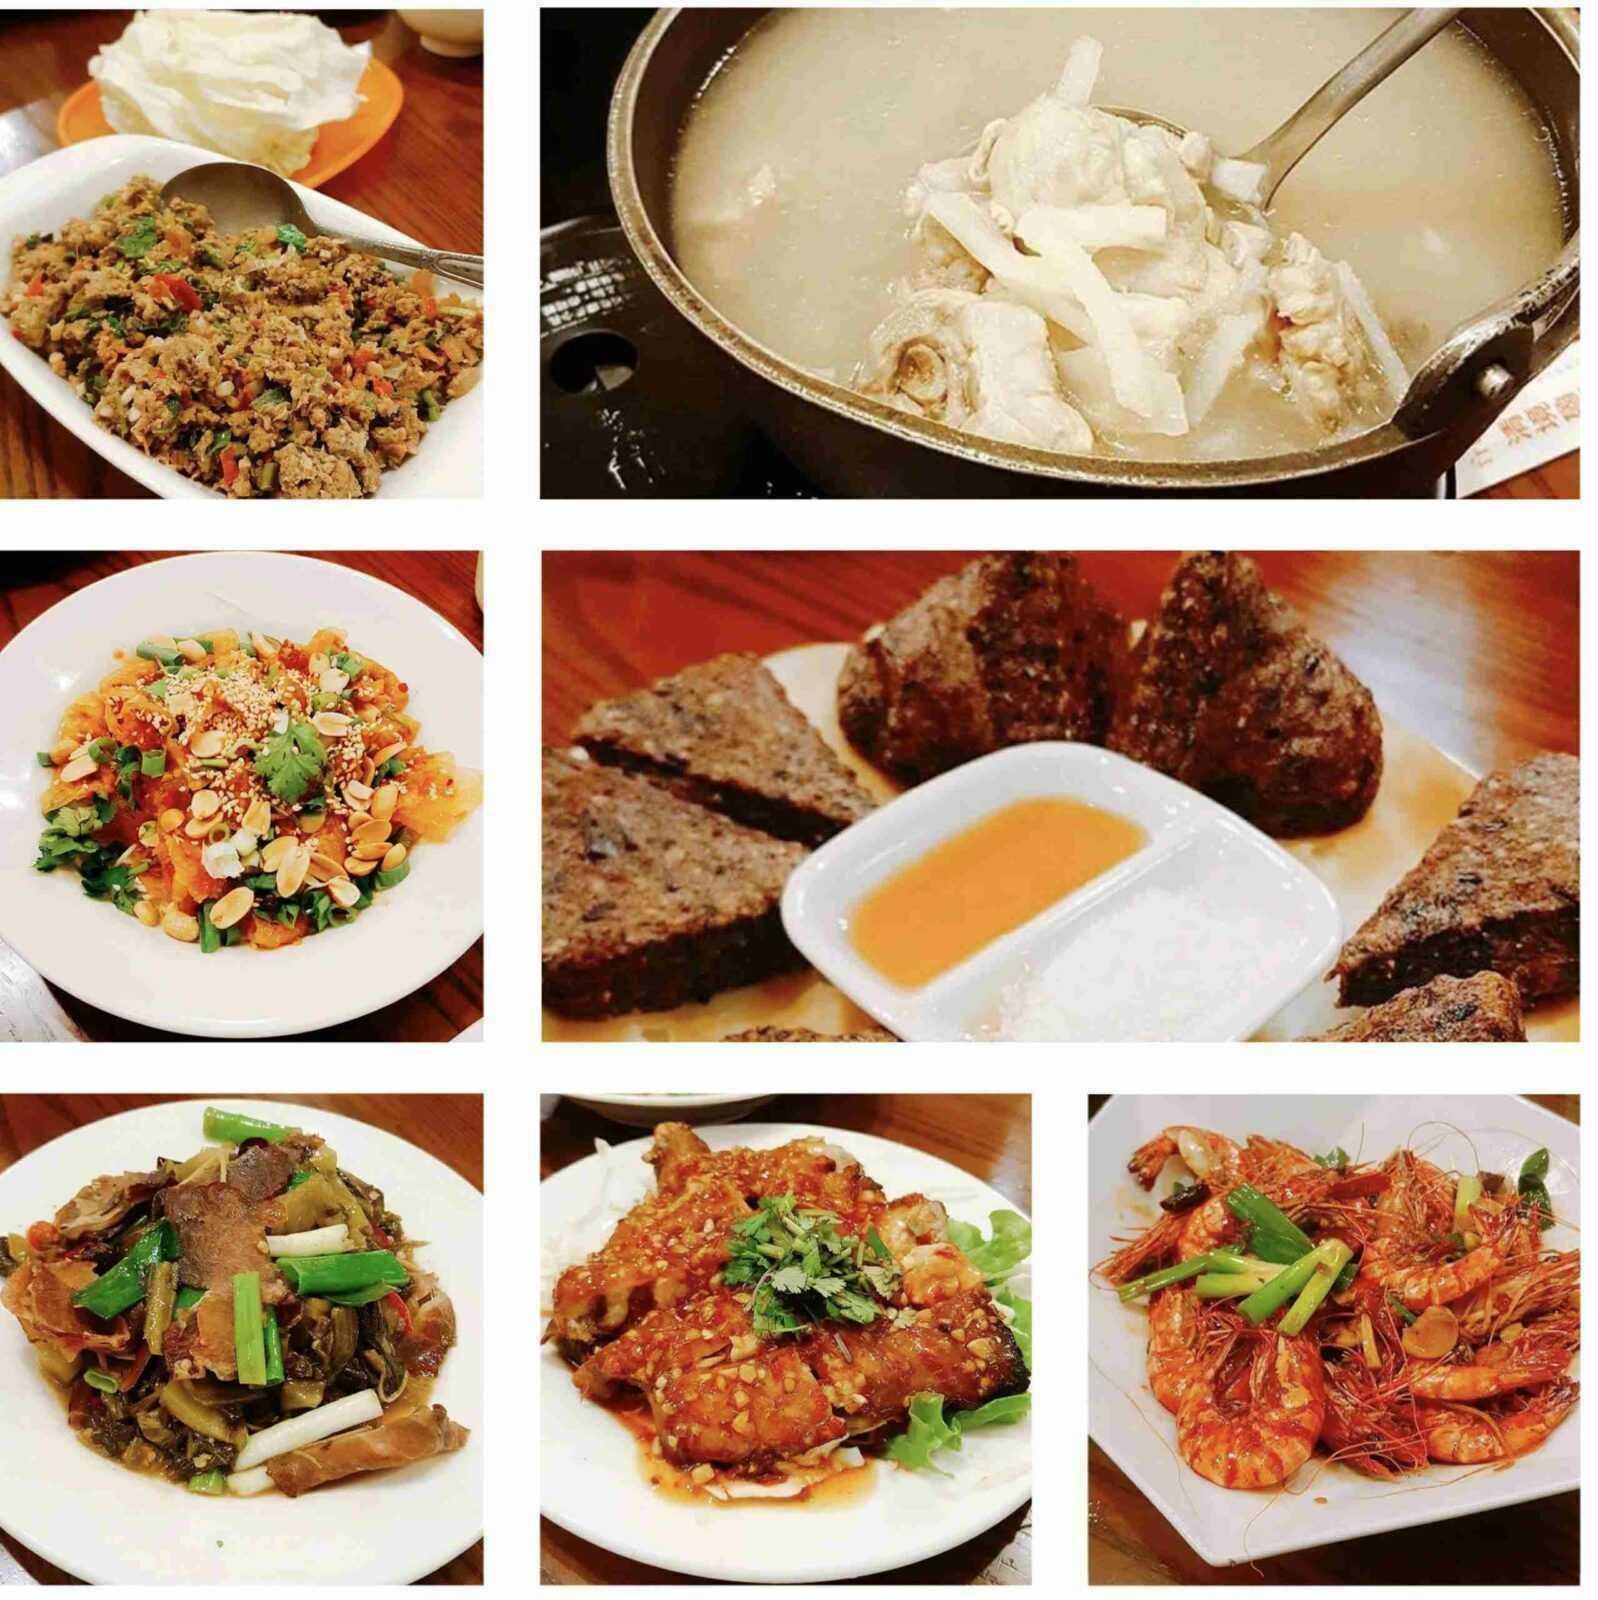 清境一日遊 | 美食推薦,魯媽媽雲南擺夷料理